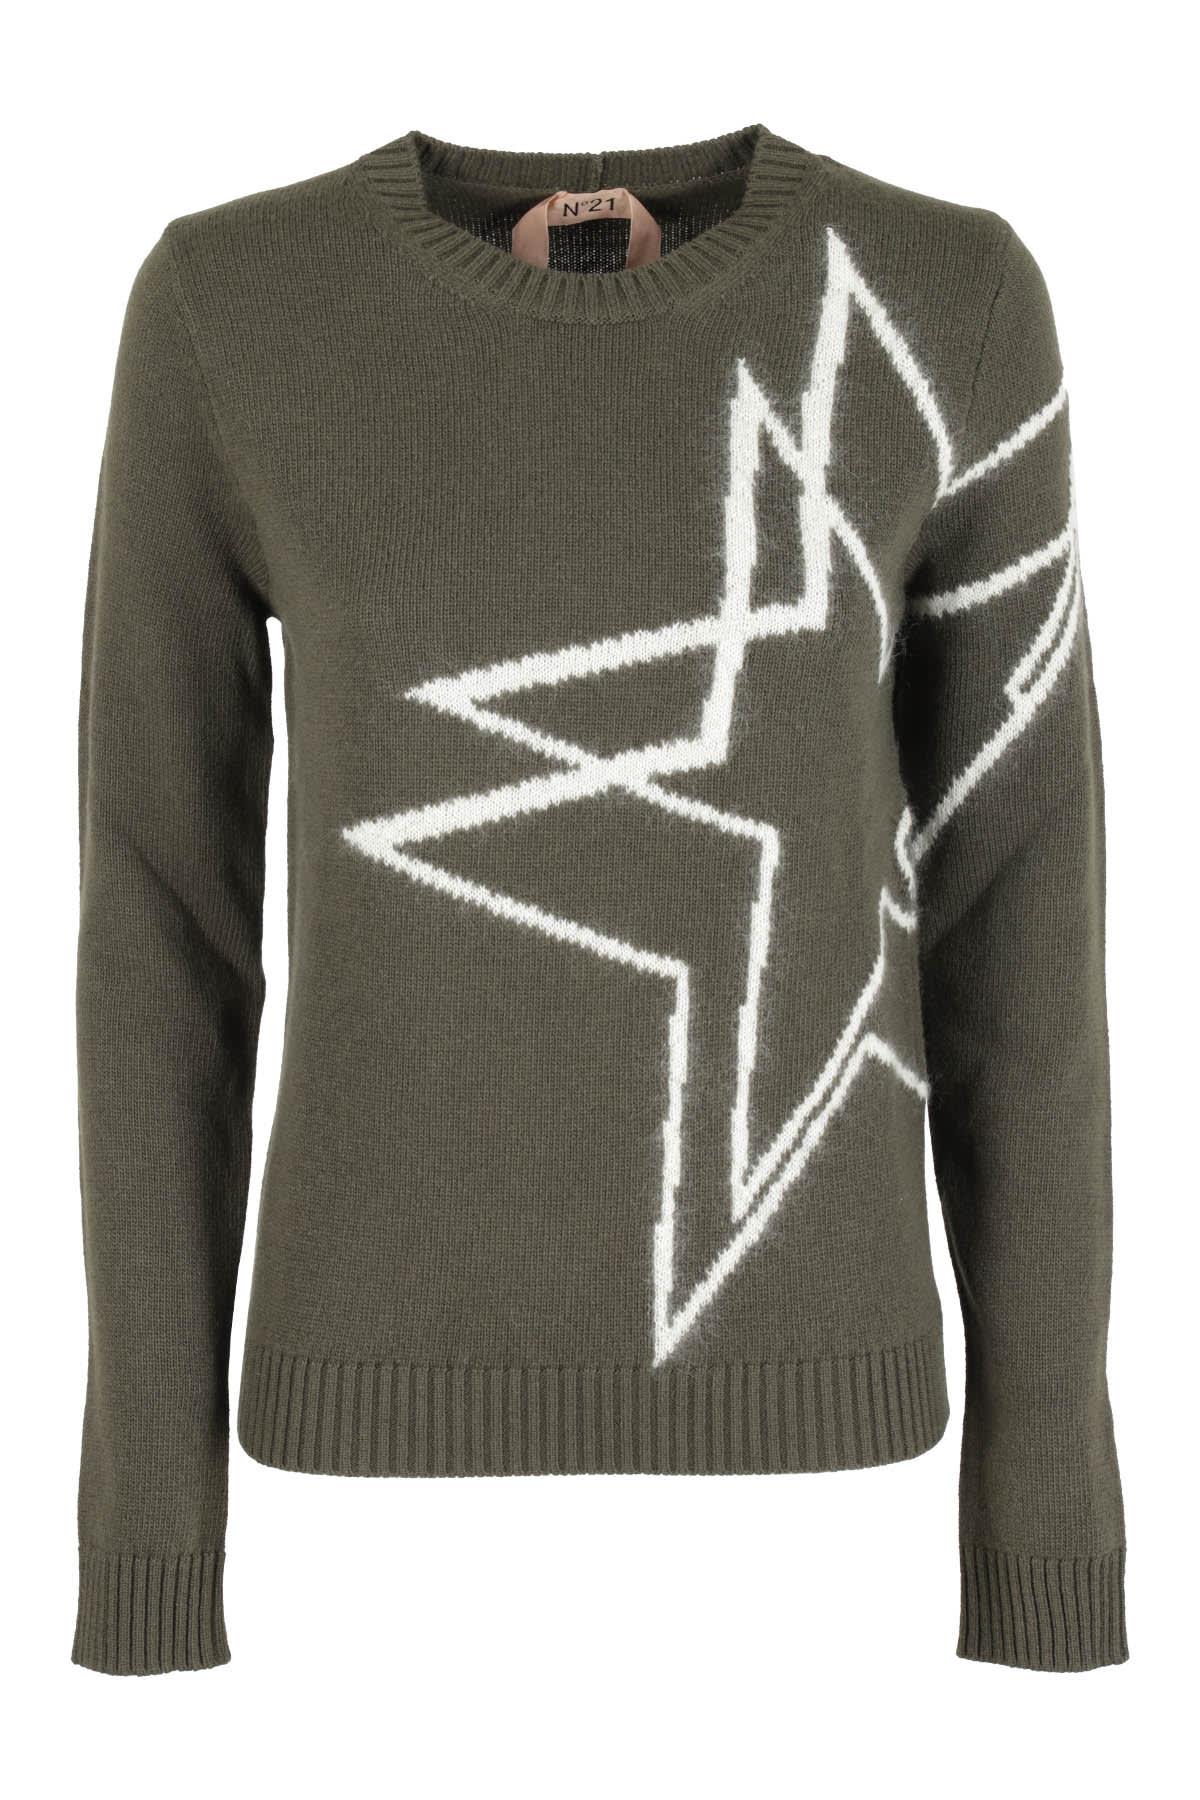 N°21 Sweater In Verde